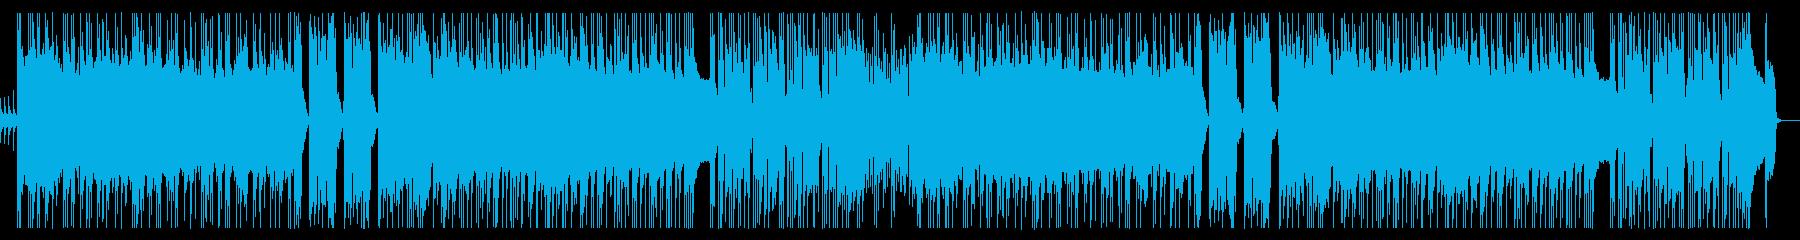 カラっとしたポップパンクの再生済みの波形